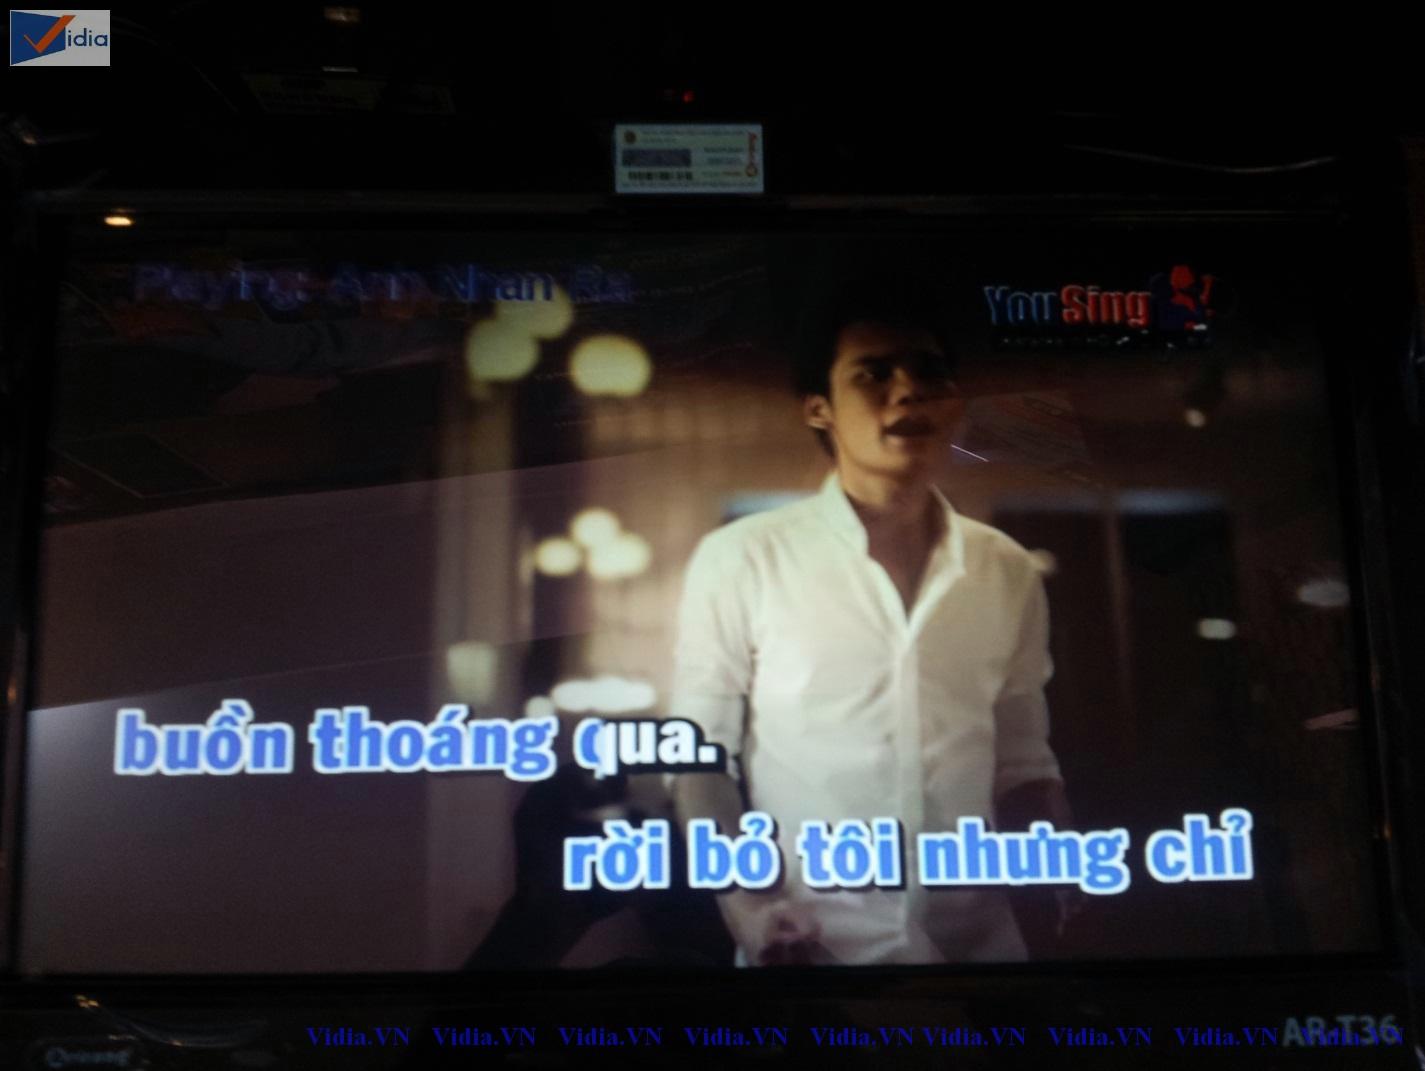 Arirang 3600 ktv sản phẩm đầu karaoke đang được yêu thích trên thị trường